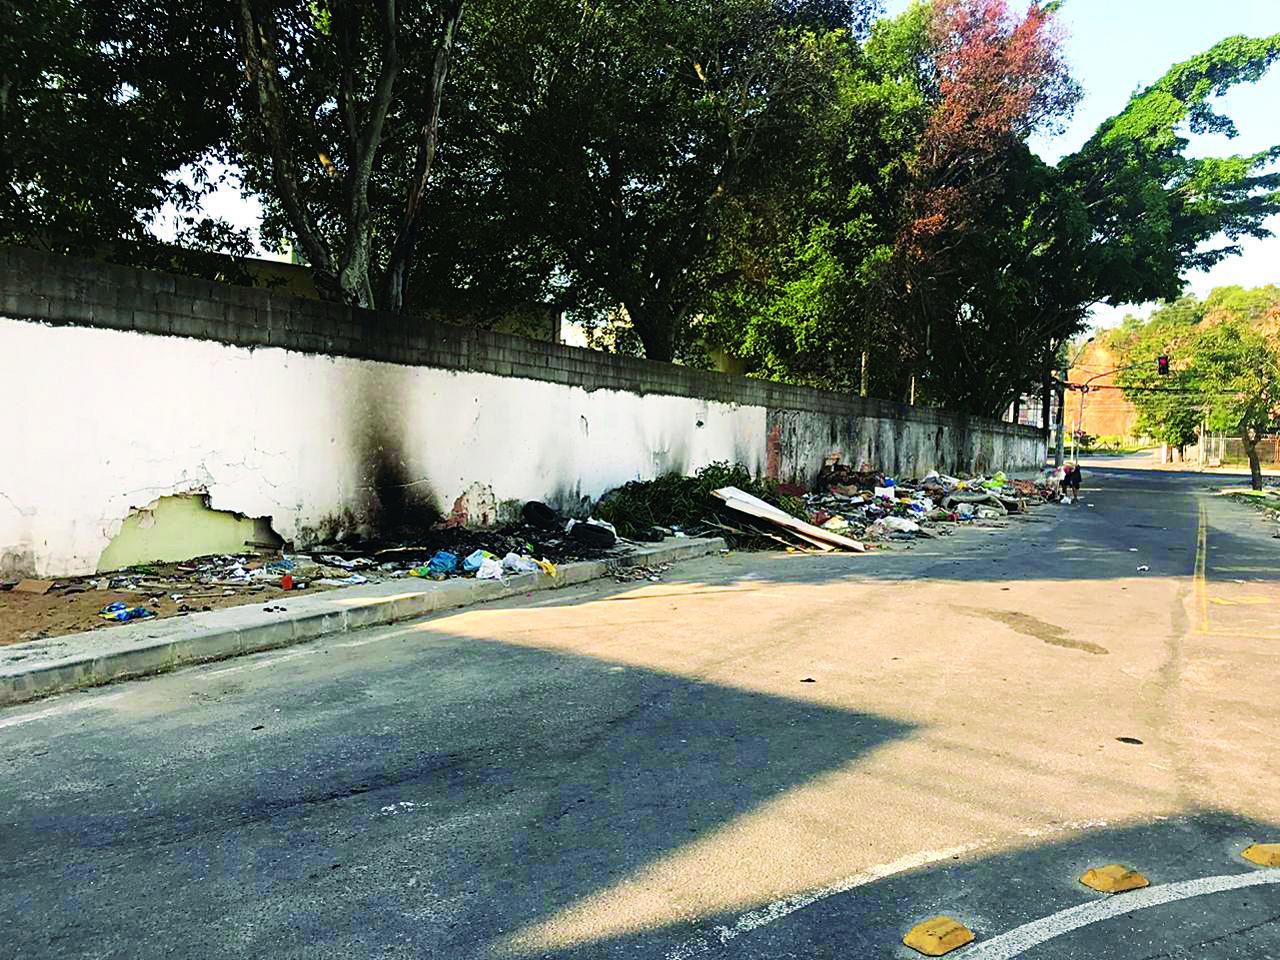 O muro, antes da intervenção, era utilizado como ponto de lixo irregular. Foto: Reprodução